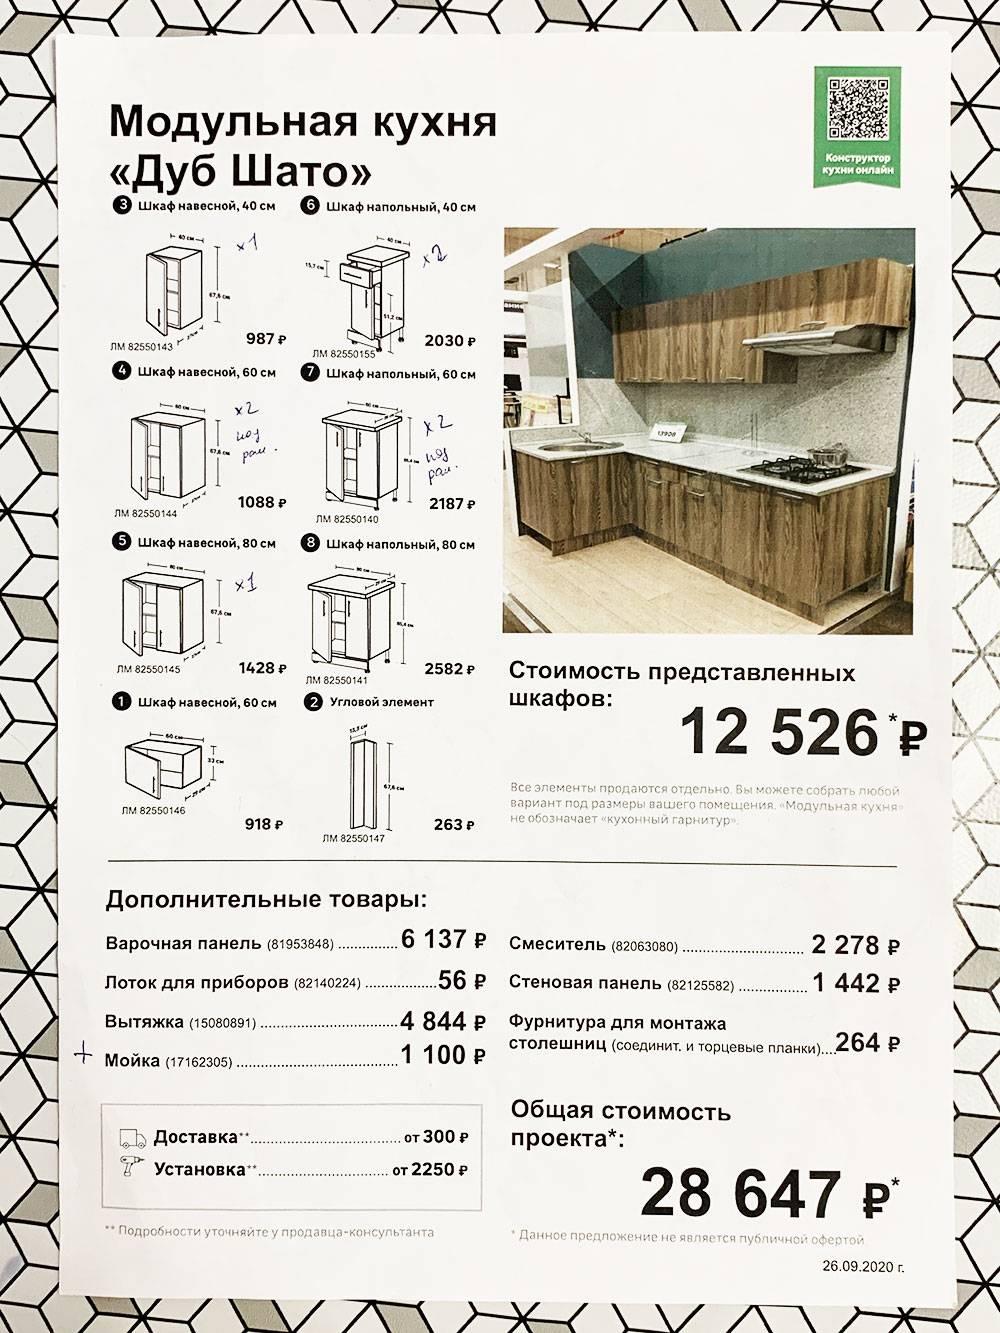 Цены на разные виды шкафов для&nbsp;гарнитура, который нам понравился. Мы собрали комплект на 13 025<span class=ruble>Р</span>